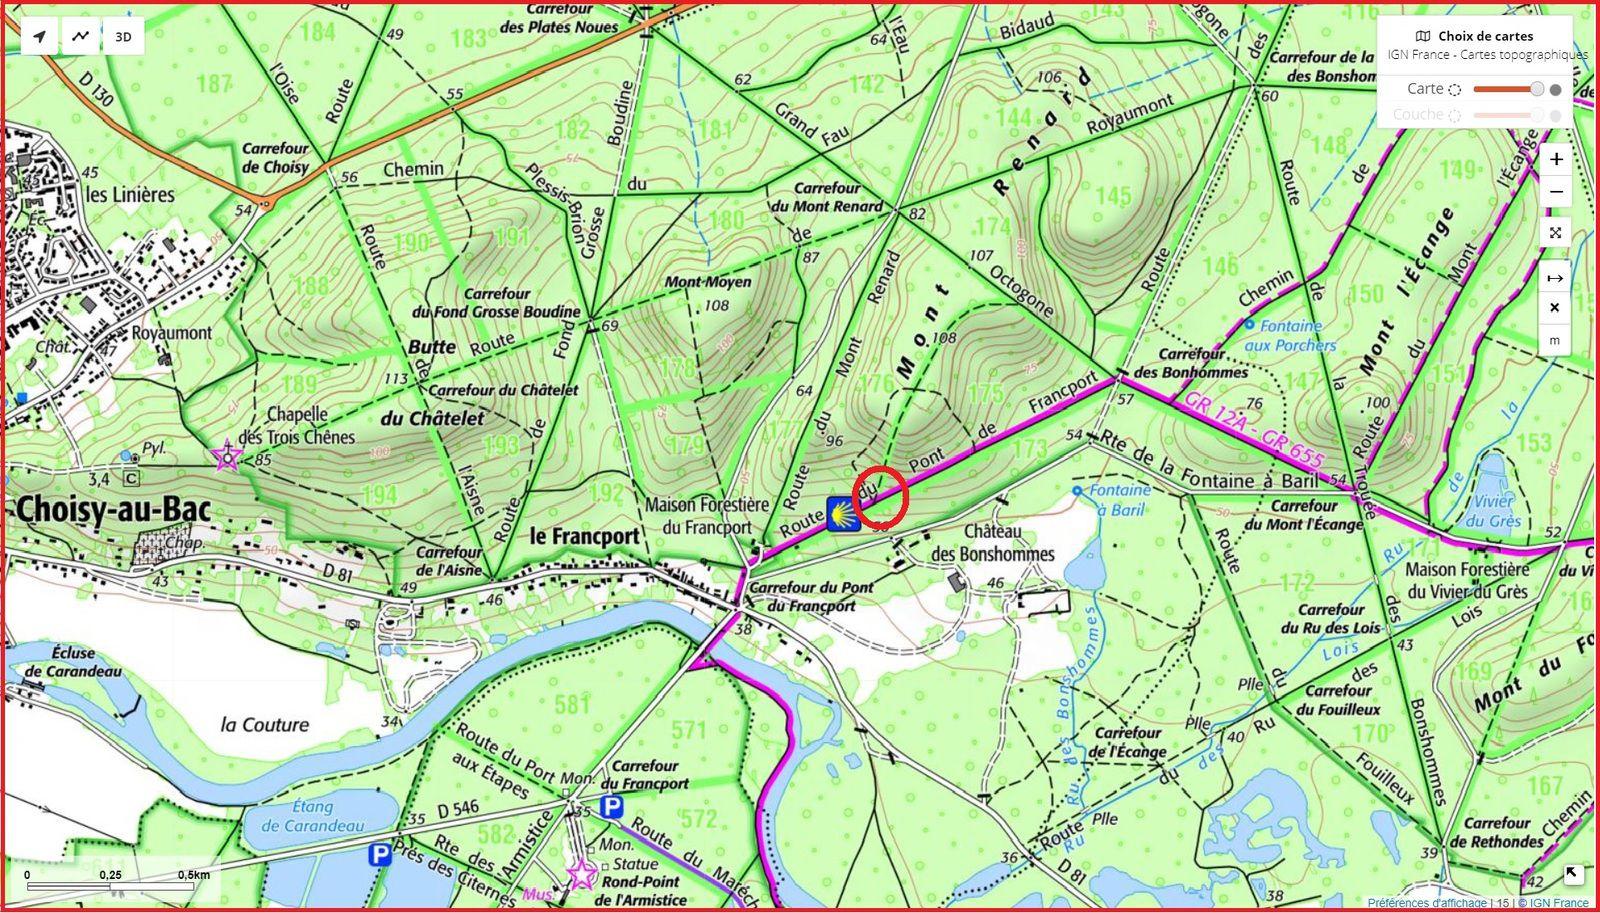 carrefour_Route du Pont du Francport_Sentier_2 (parcelle 176)